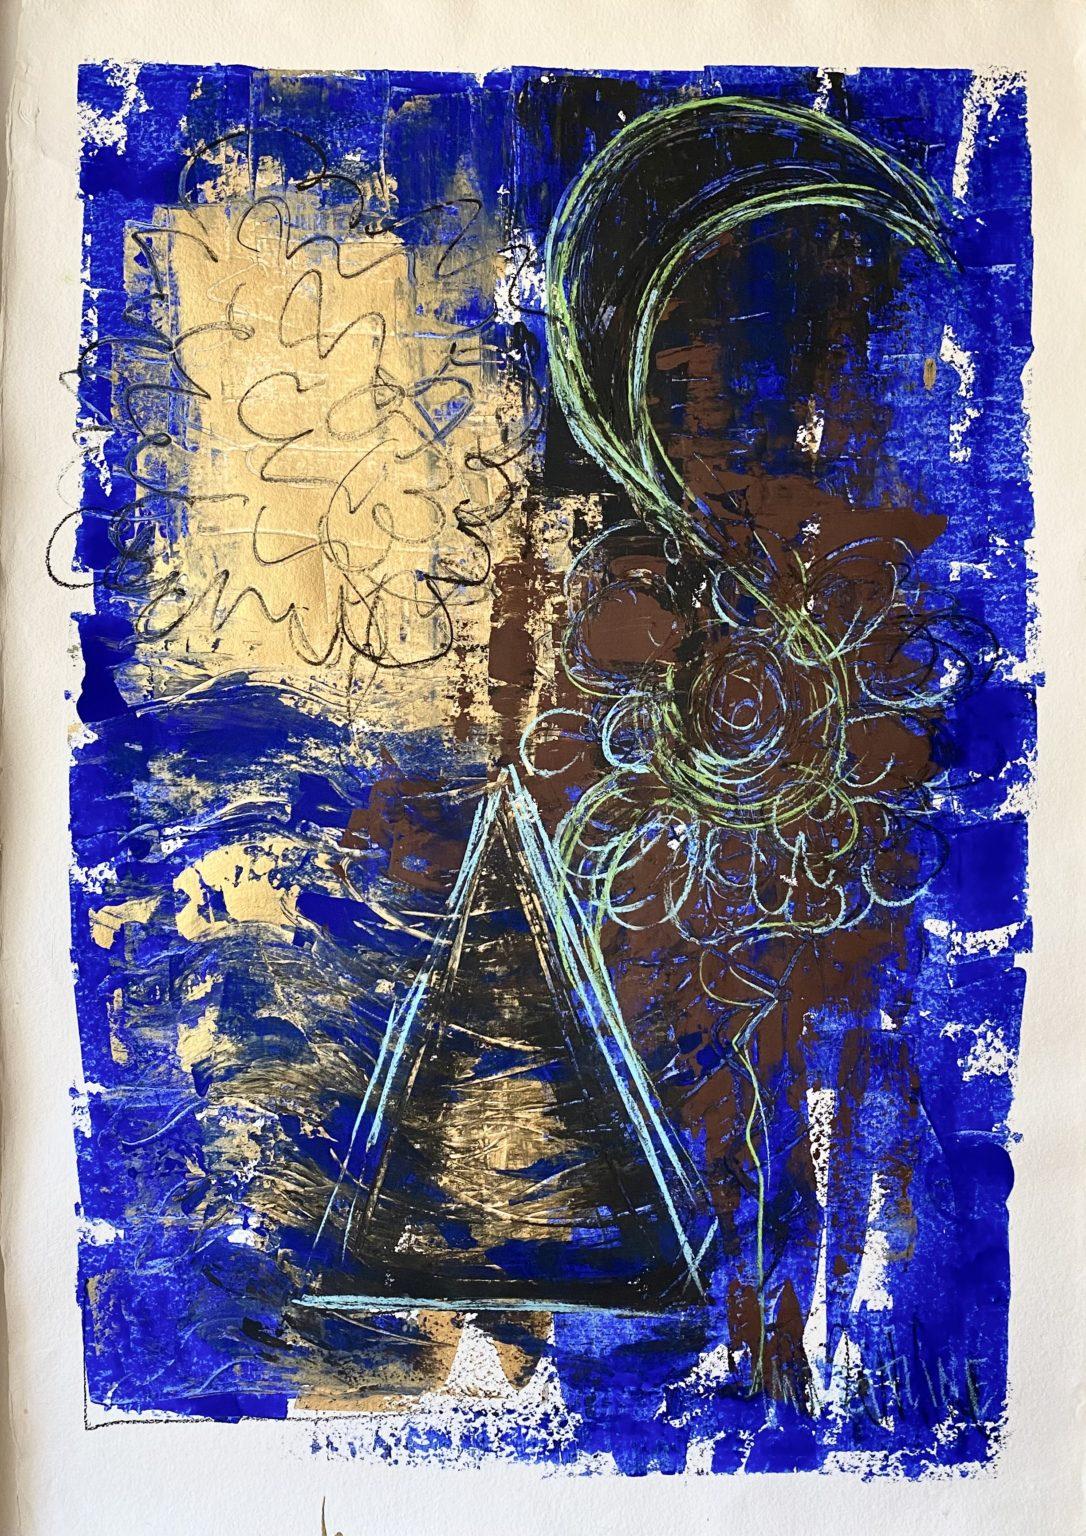 Songes d\\\'une nuit d\\\'été - Gouache, acrylique, pastels sur papier - 110 x 140 cm MESGMZM02